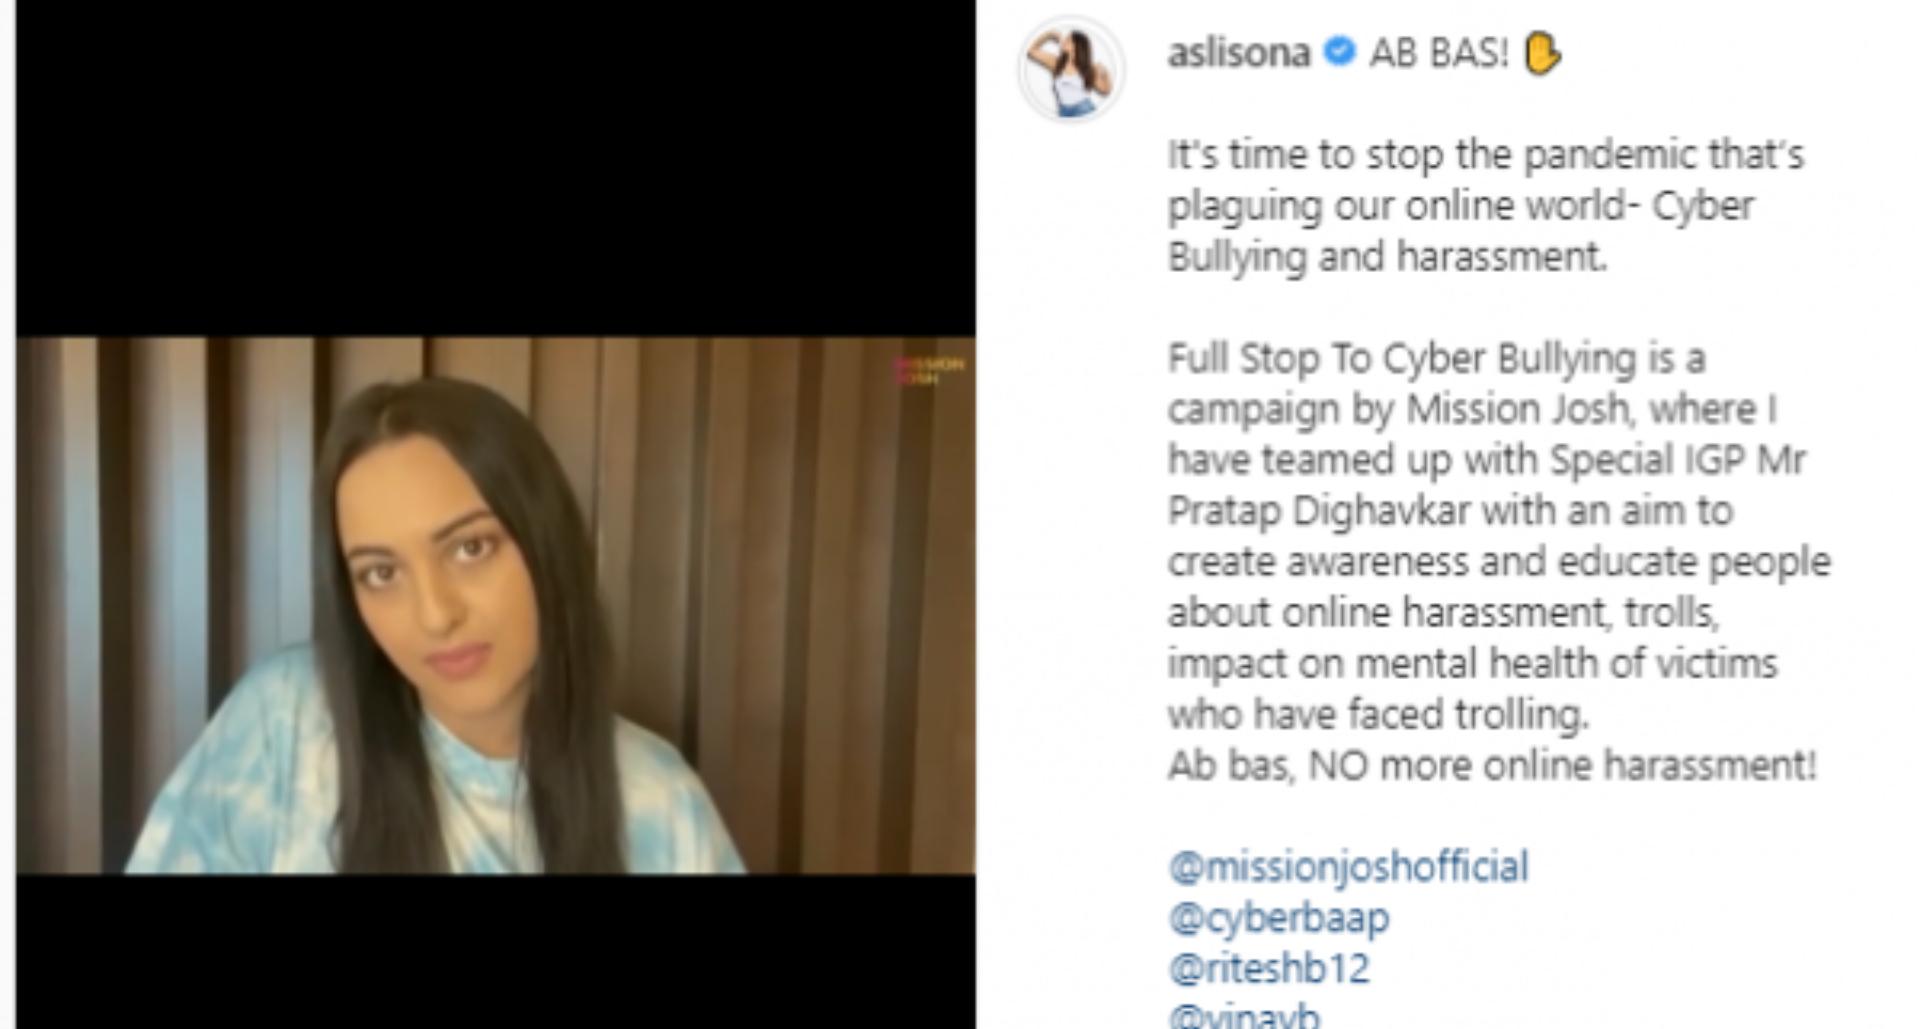 सोनाक्षी सिन्हा ने उठाई Cyber Bullying के खिलाफ ये मुहीम, कहा 'अब बस!'